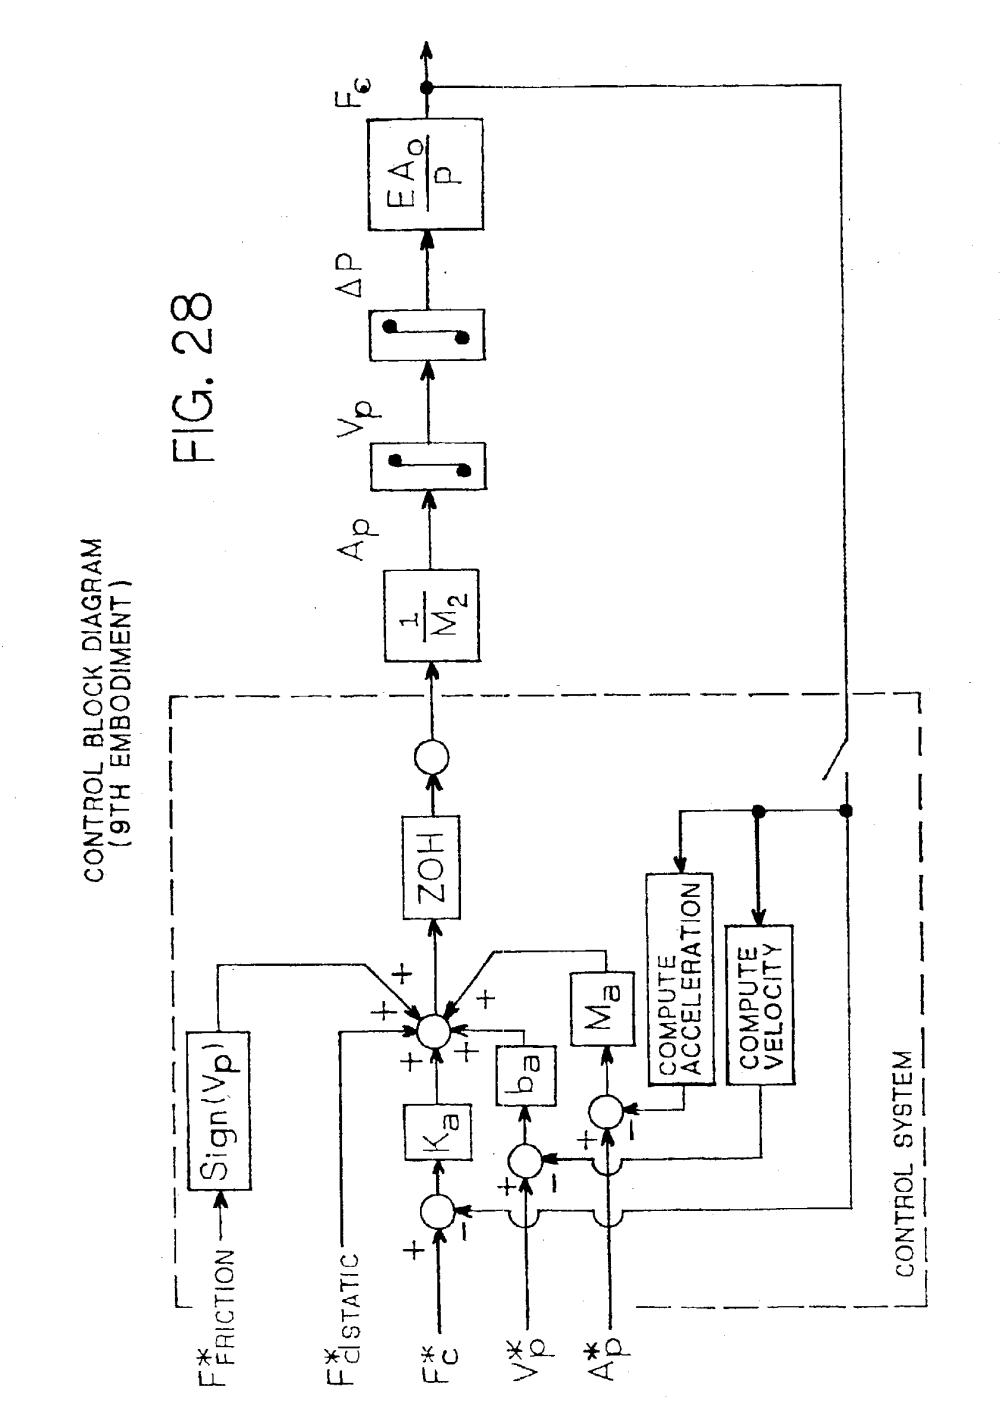 medium resolution of nec residential garage wiring wiring diagram databasegarage electrical wiring wiring diagram database 400 amp wiring entrance